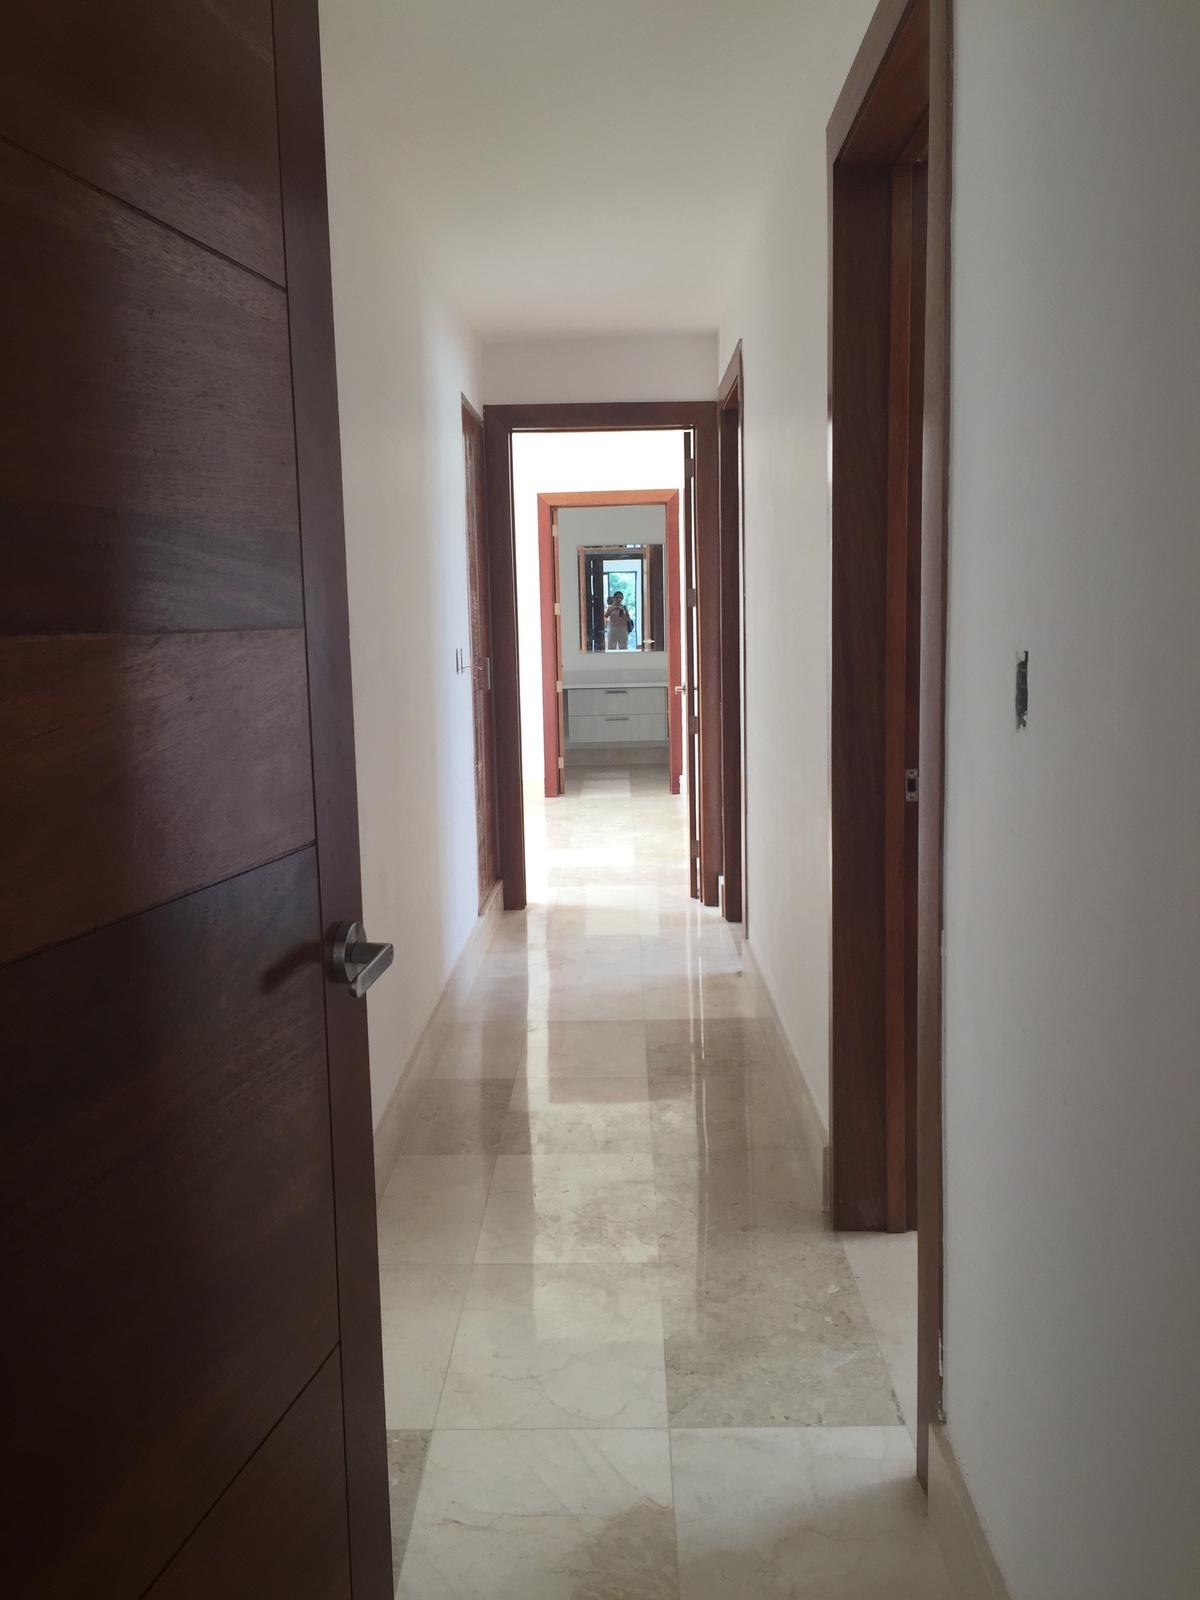 10 de 16: pasillo hacia las habitaciones